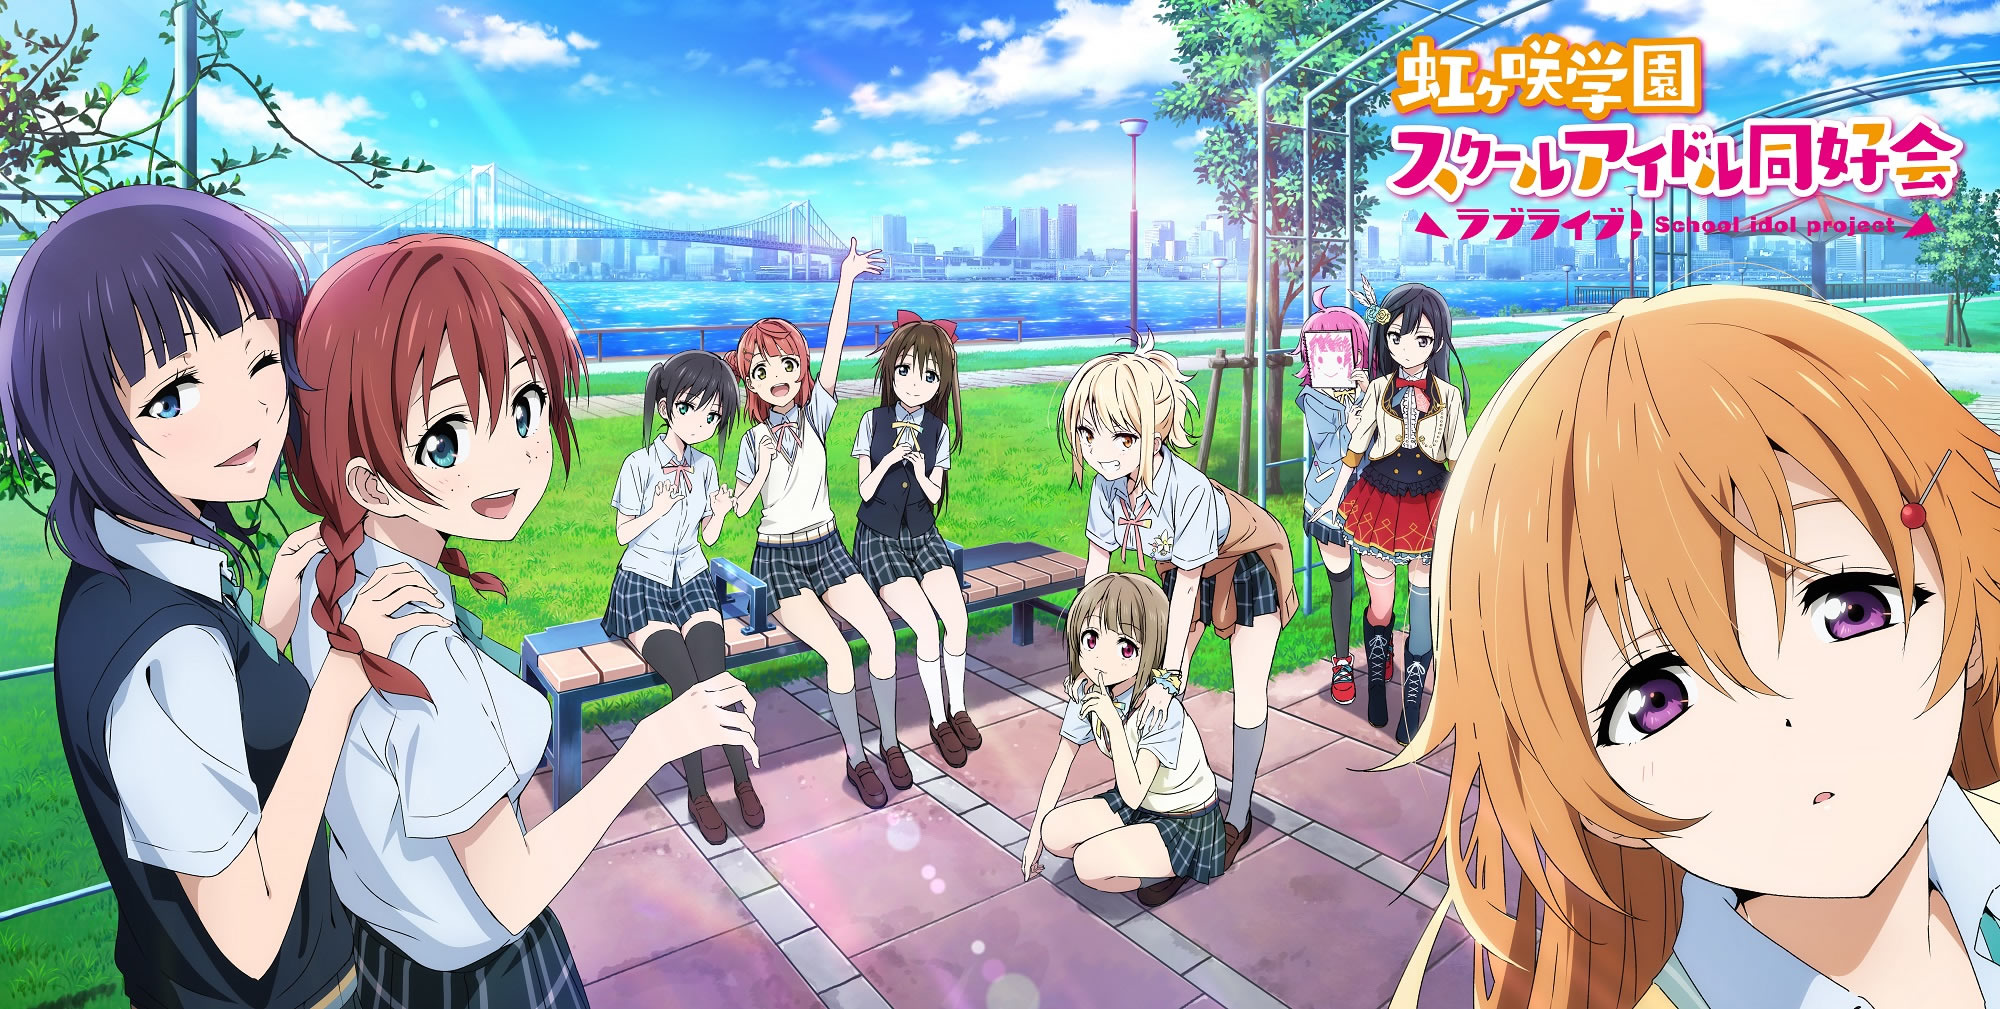 Love Live! Nijigasaki Gakuen School Idol Doukoukai Episode 1-13 Subtitle Indonesia (Batch)